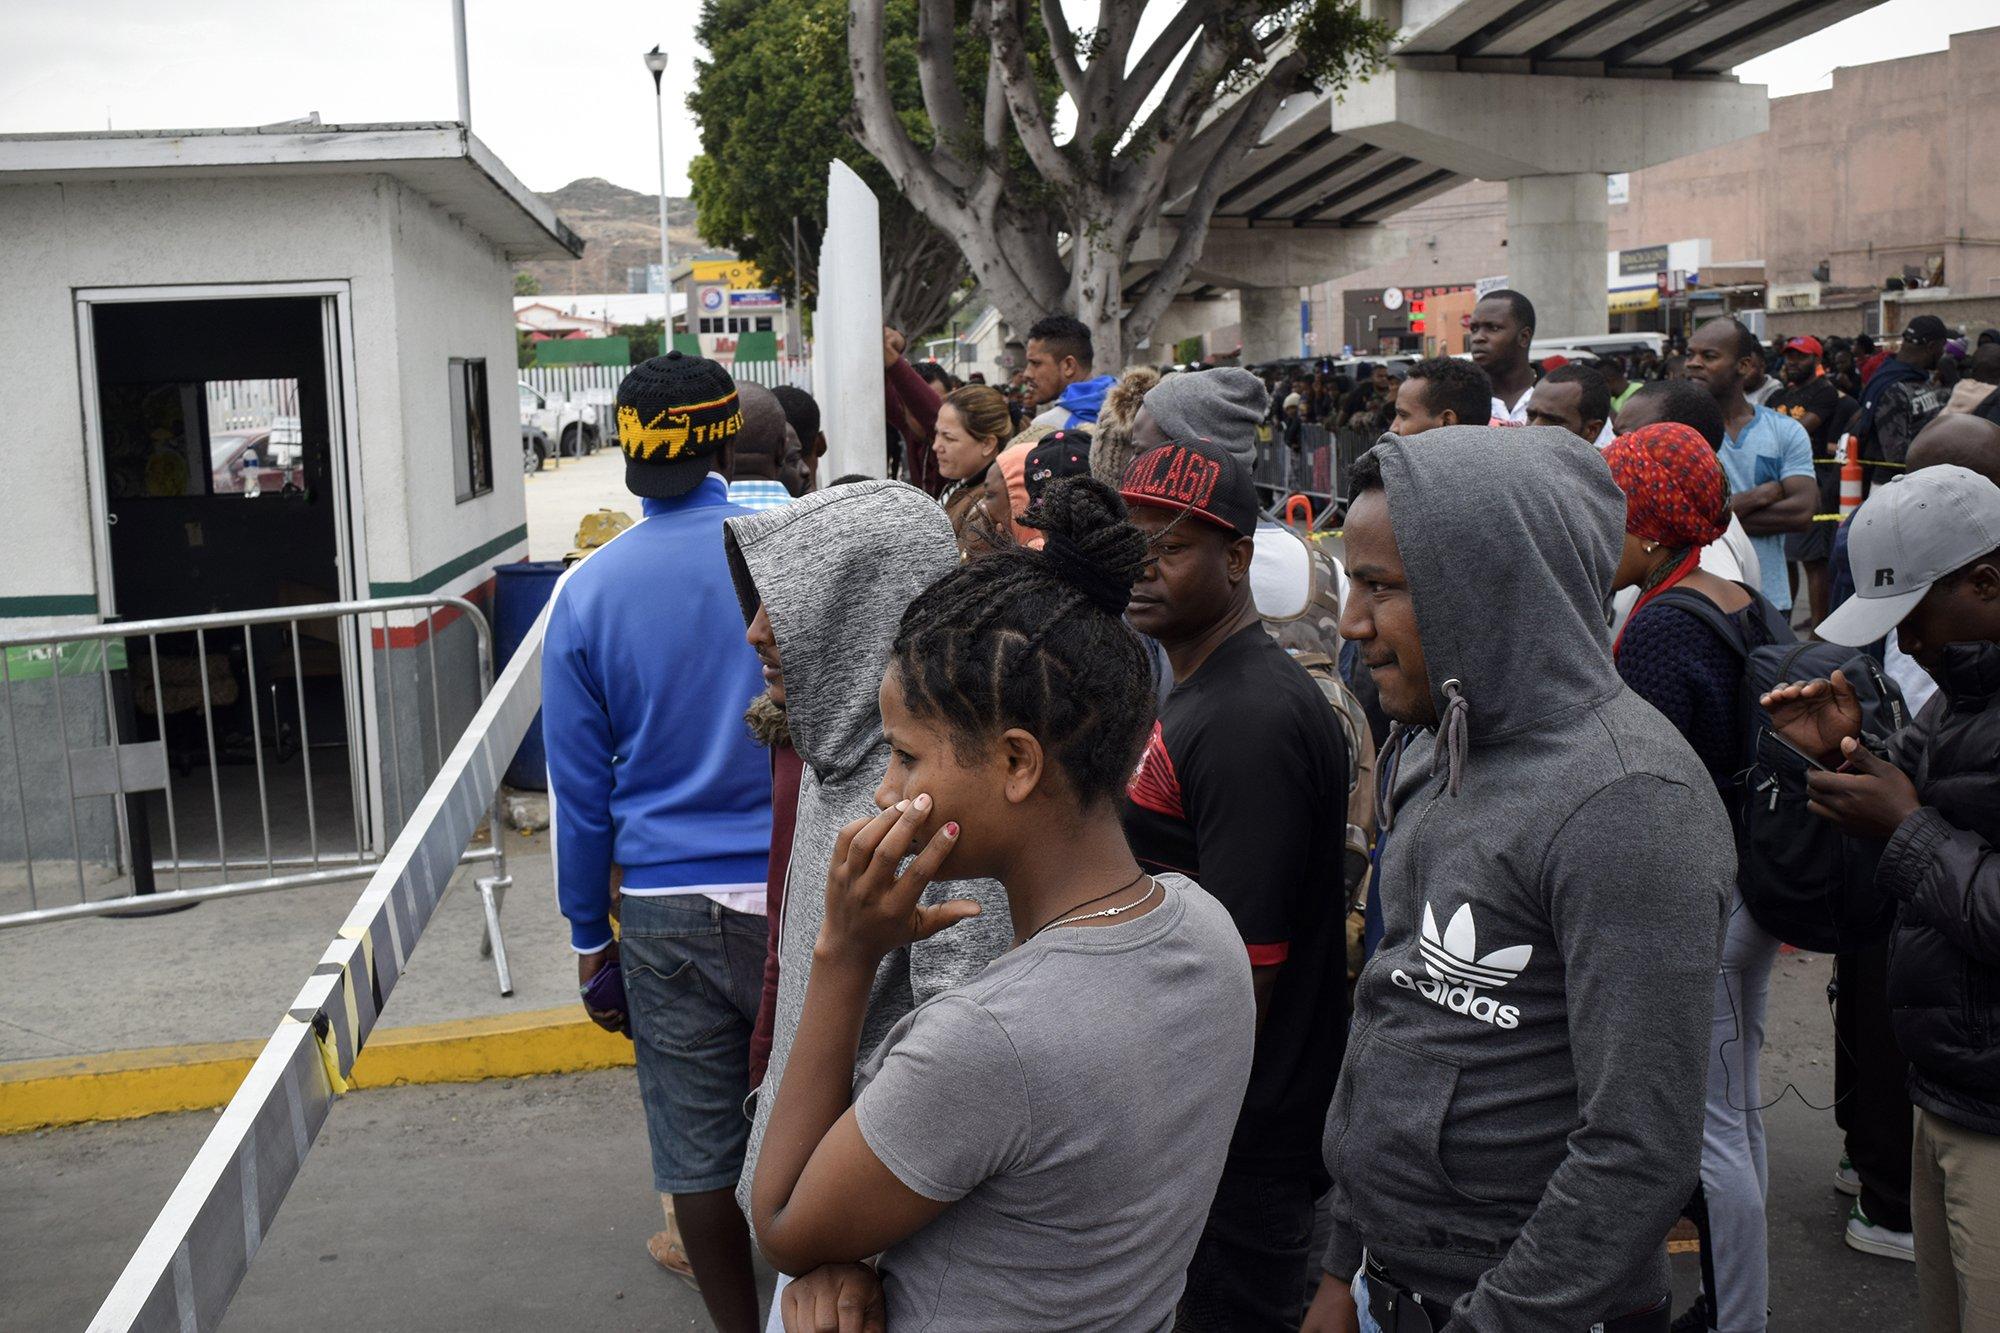 Cientos de migrantes provenientes de África, Centroamérica y México esperan su turno para pedir asilo a Estados Unidos en la Garita el Chaparral, en Tijuana.